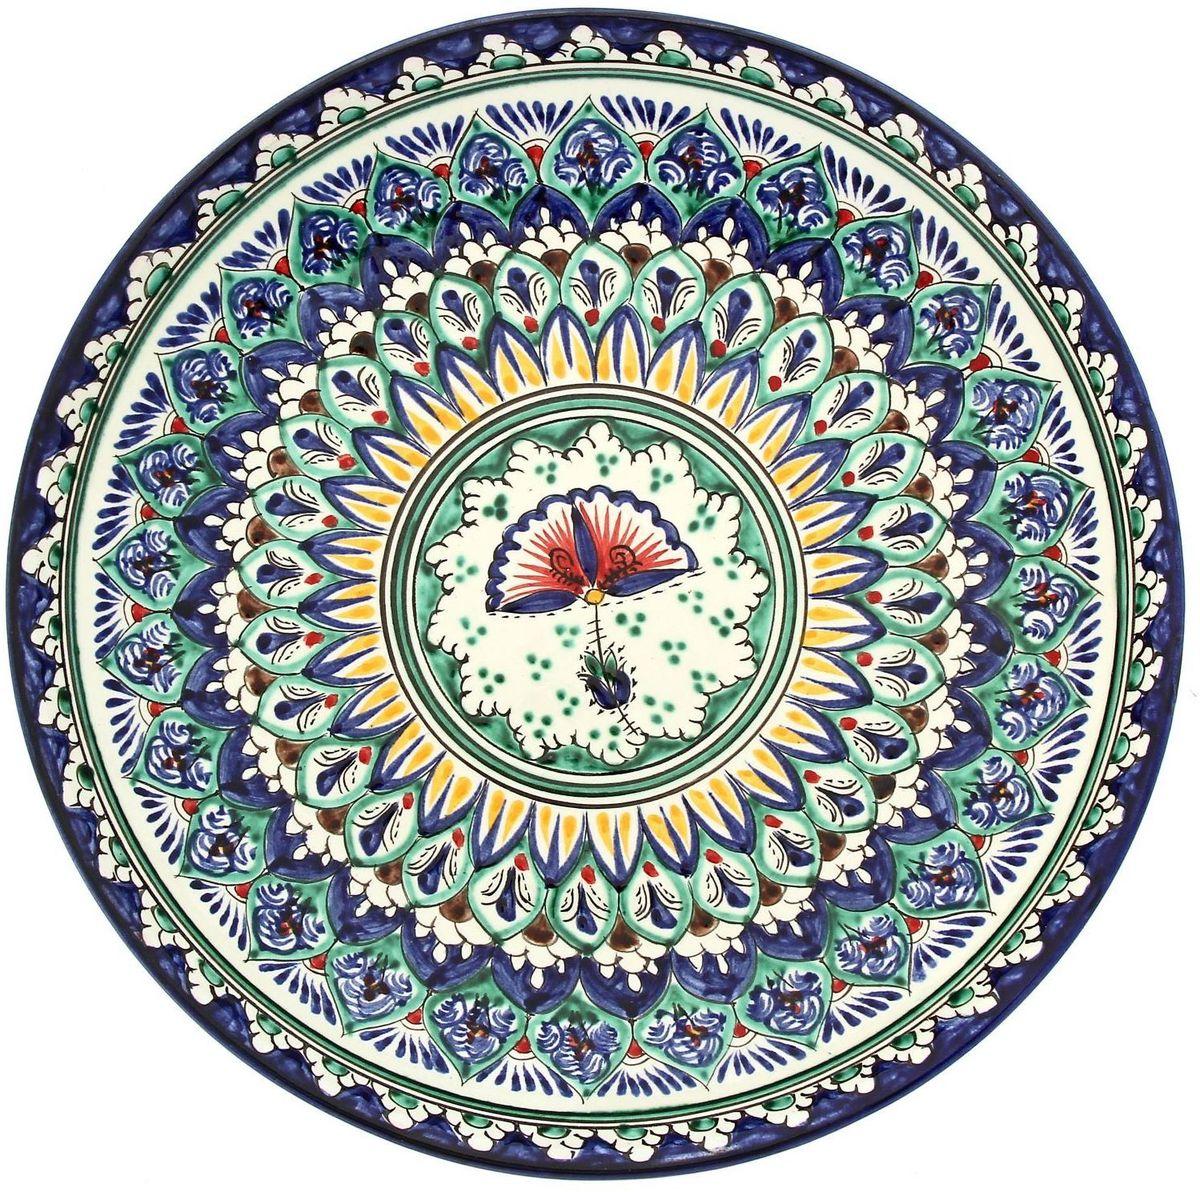 Ляган Риштанская керамика, диаметр 28 см. 19234621923462Ляган — это не просто обеденный атрибут, это украшение стола. Посуда с национальной росписью станет отменным подарком для ценителей высокородной посуды.Риштан — город на востоке Узбекистана, один из древнейших в Ферганской долине. С давних времён Риштан славится своим гончарным искусством изготовления цветной керамики. Красноватую глину для изделия добывают в самом городе. Мастера утверждают, что их глина настолько высокого качества, что даже не нуждается в предварительной обработке. Дополните коллекцию кухонных аксессуаров пряными восточными нотами.